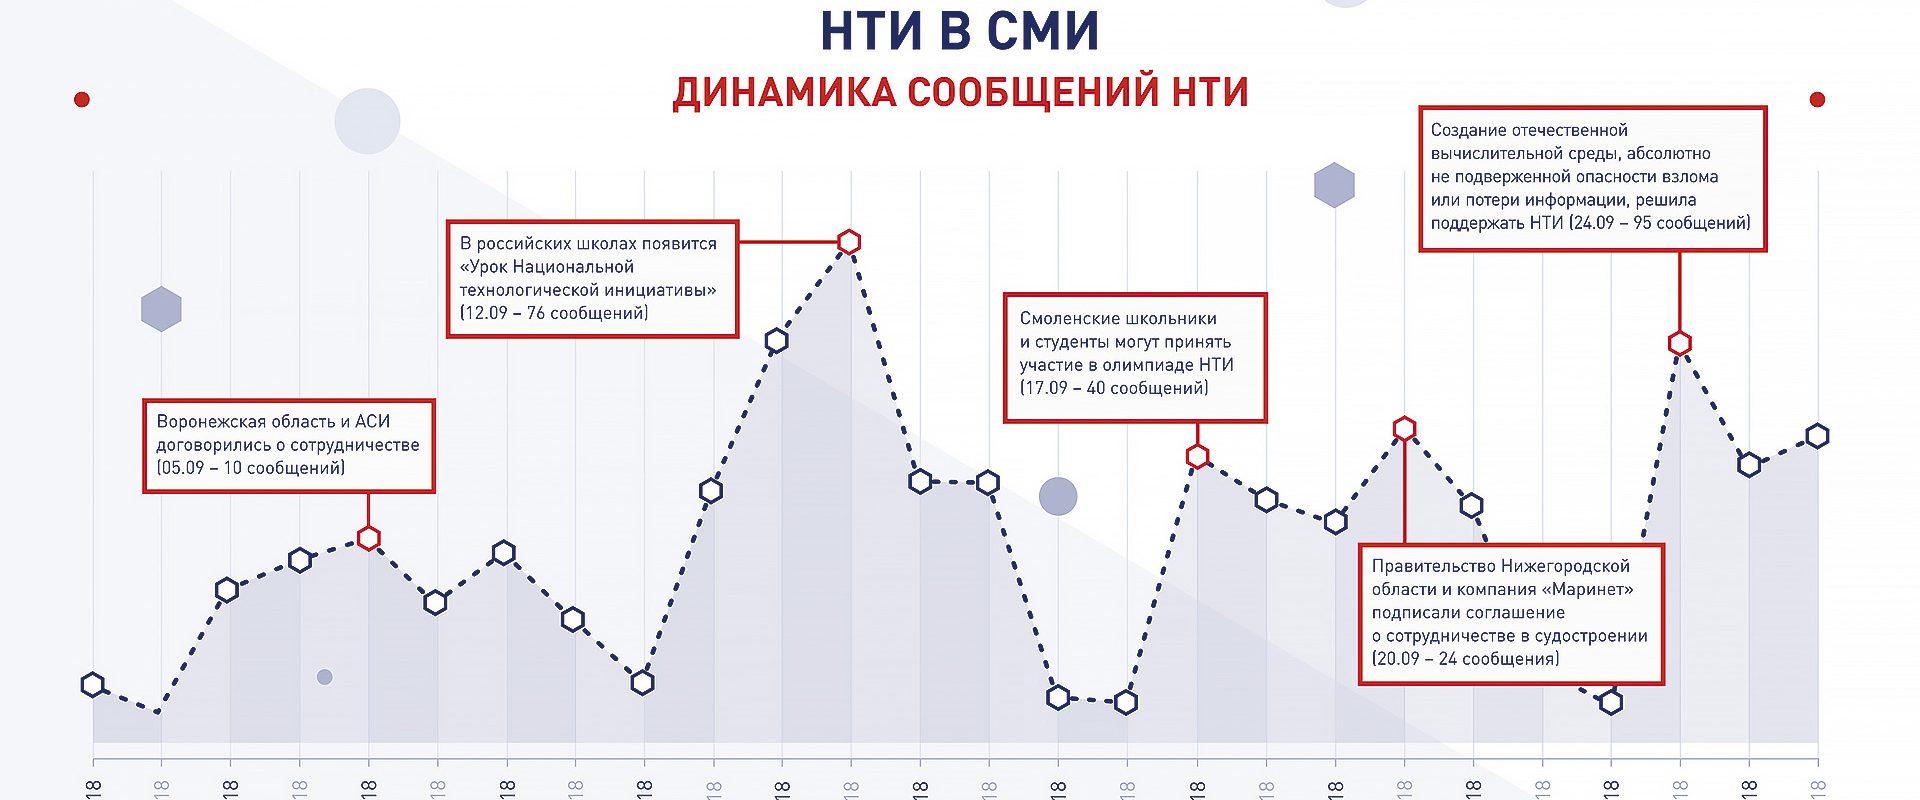 рвк_для анимации_3.cdr